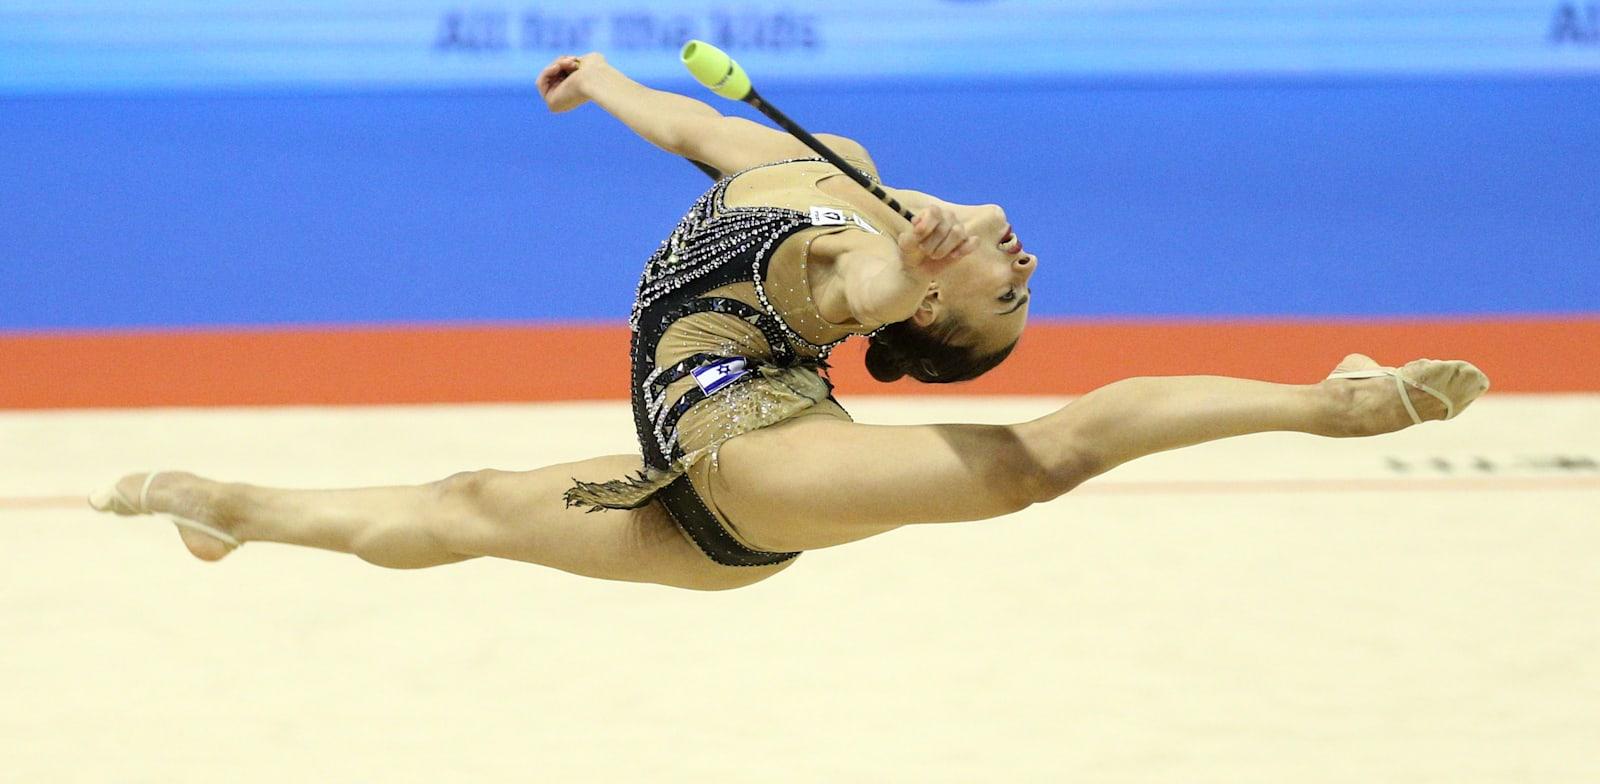 לינוי אשראם באליפות העולם בהתעמלות אמנותית בבולגריה / צילום: Reuters, SPASIYANA SERGIEVA